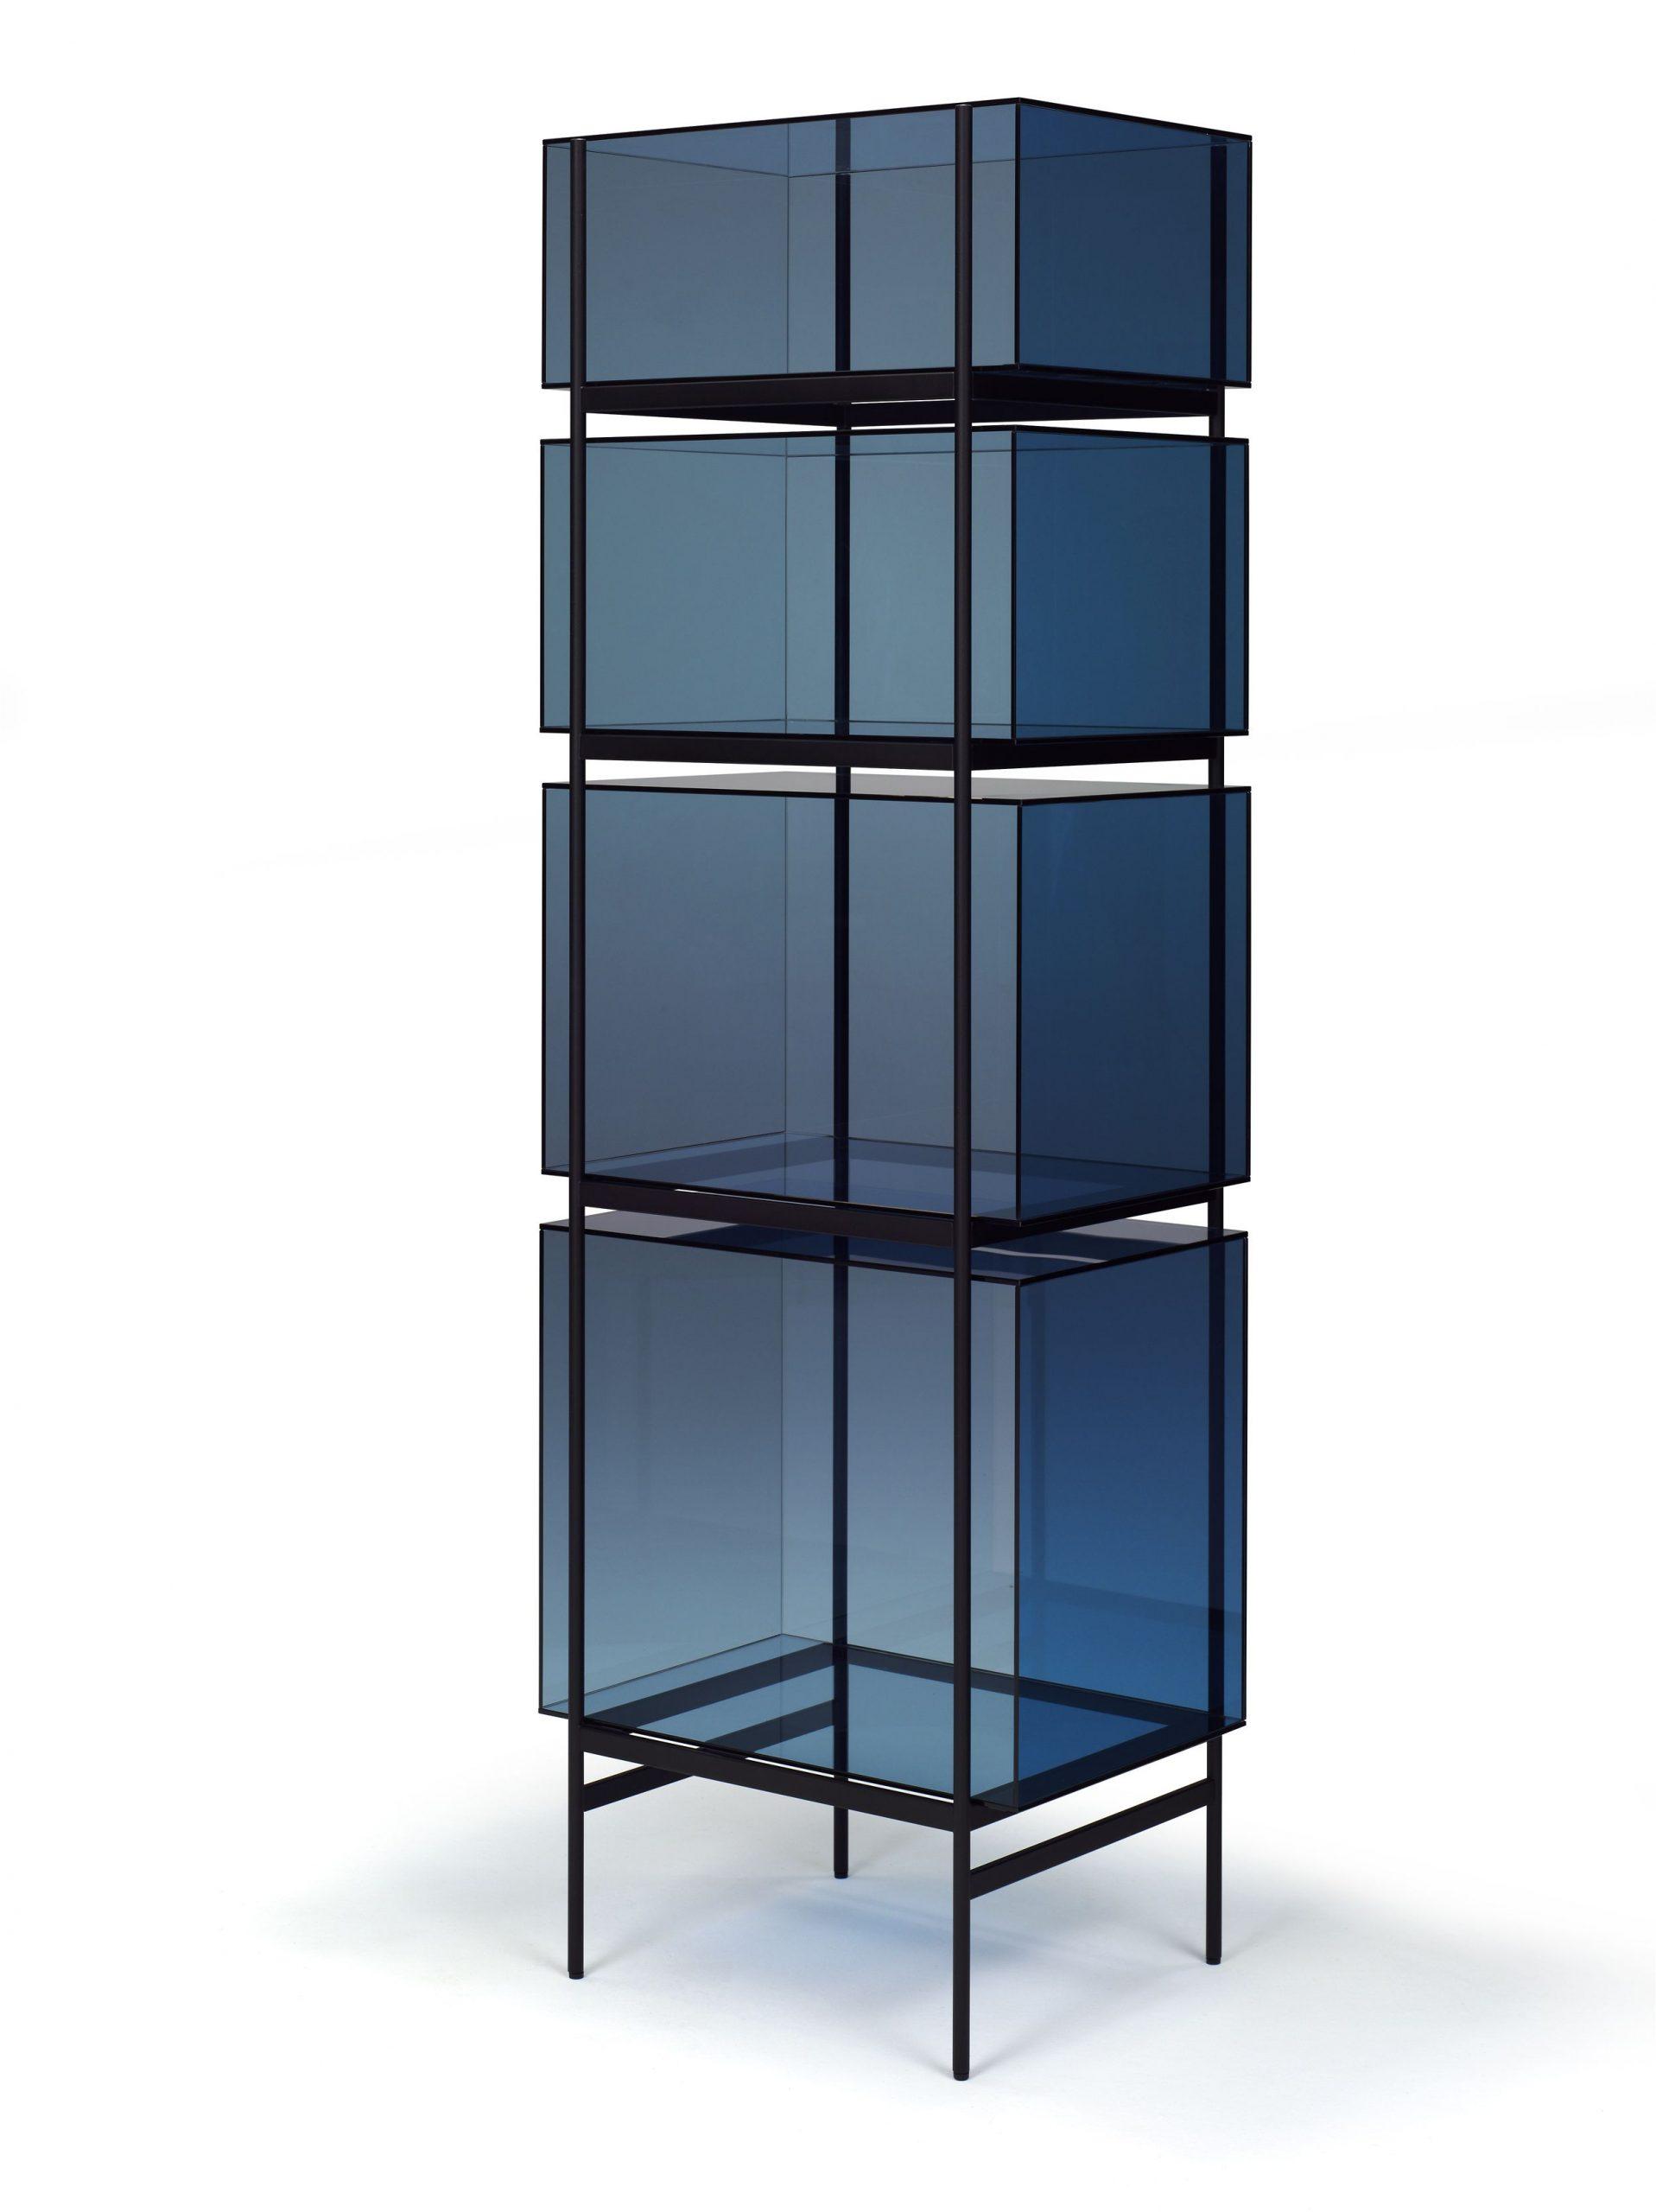 LYN cabinet by Visser & Meijwaard for Dutch design label Joshh&